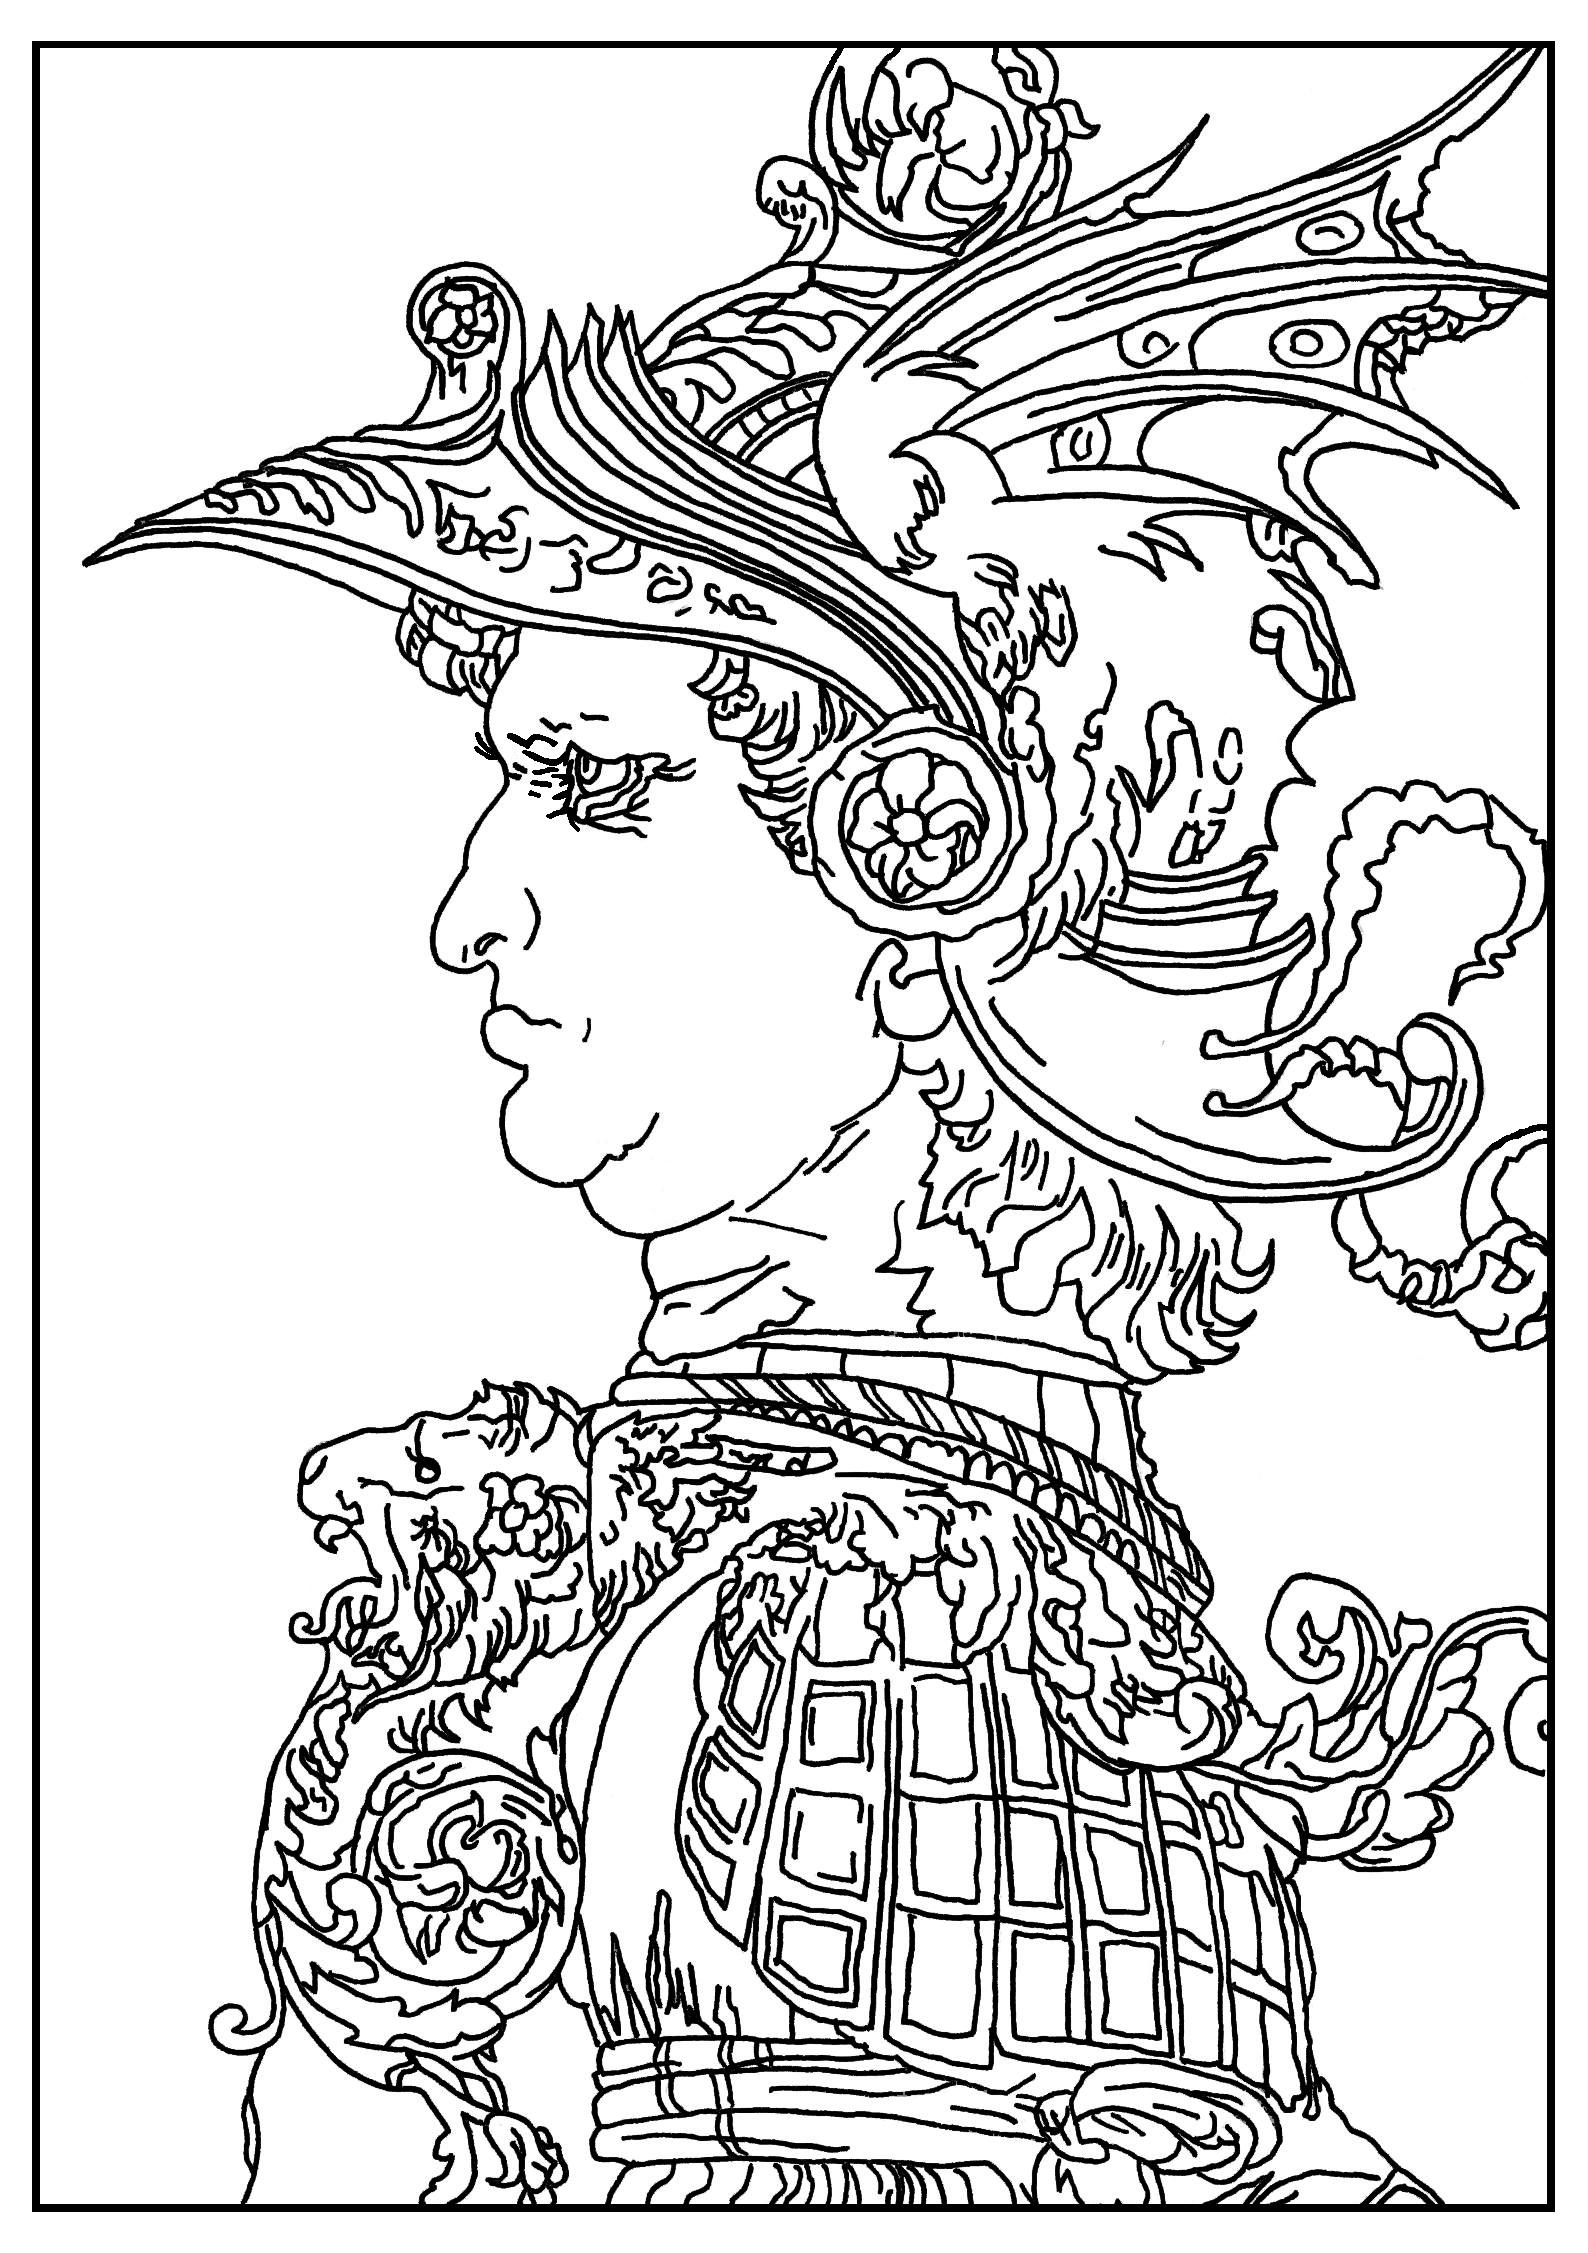 Coloriage réalisé à parti d'un dessin de Leonard de Vinci datant de 1477 : Buste d'un guerrier.